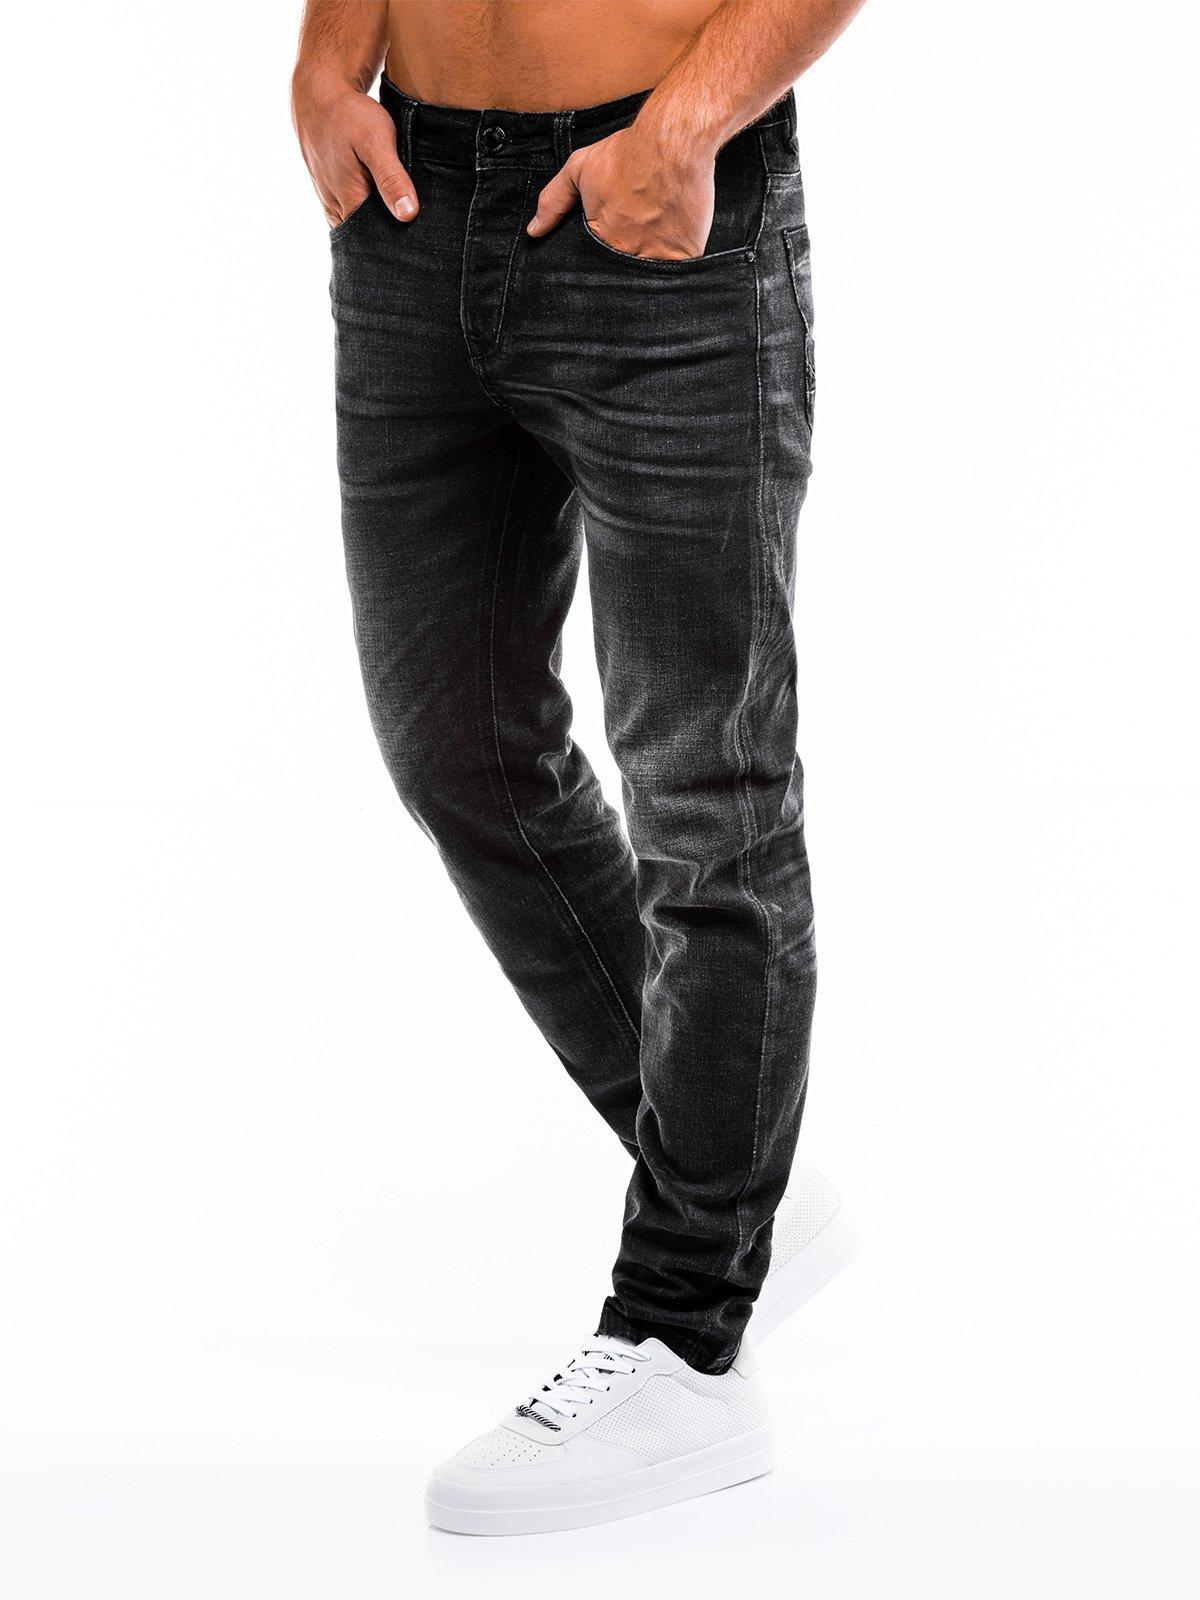 Spodnie męskie jeansowe 857P czarne